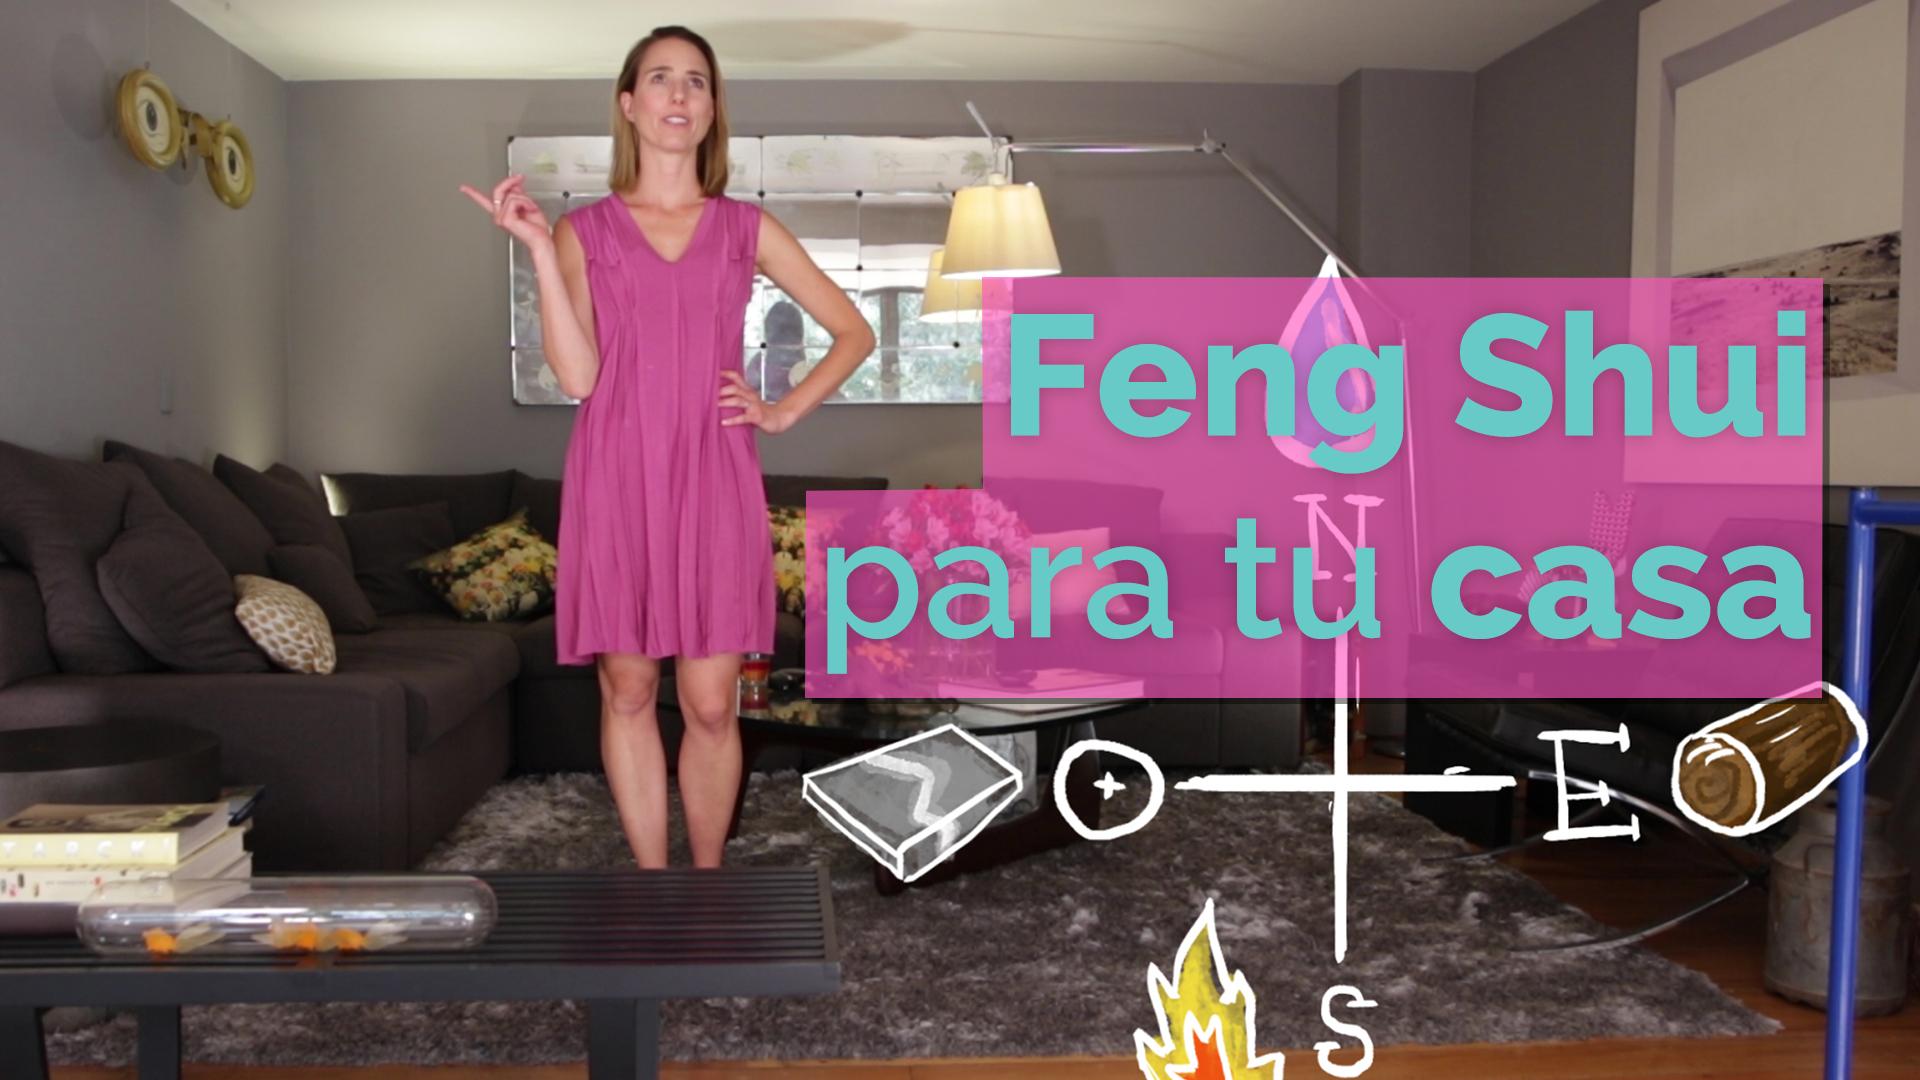 Tips de feng shui para decorar la casa me lo dijo lola - Consejos feng shui ...